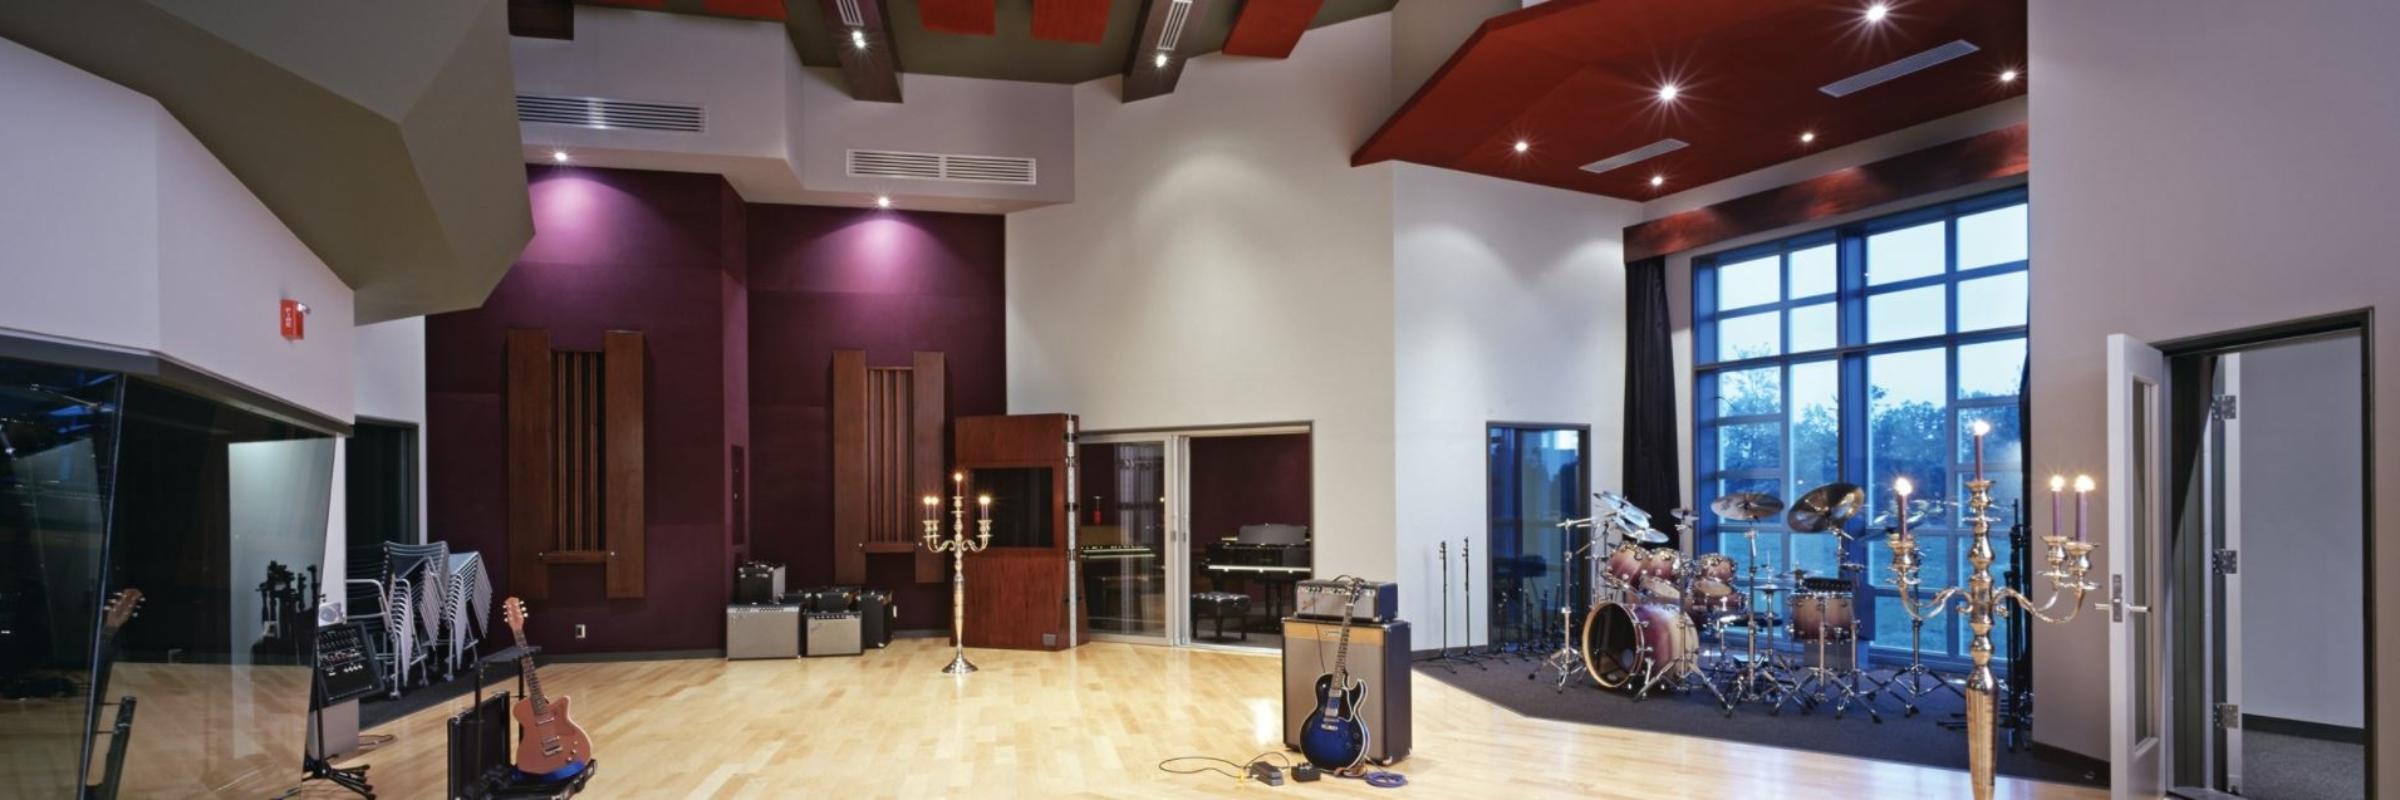 music-studio-design-concept